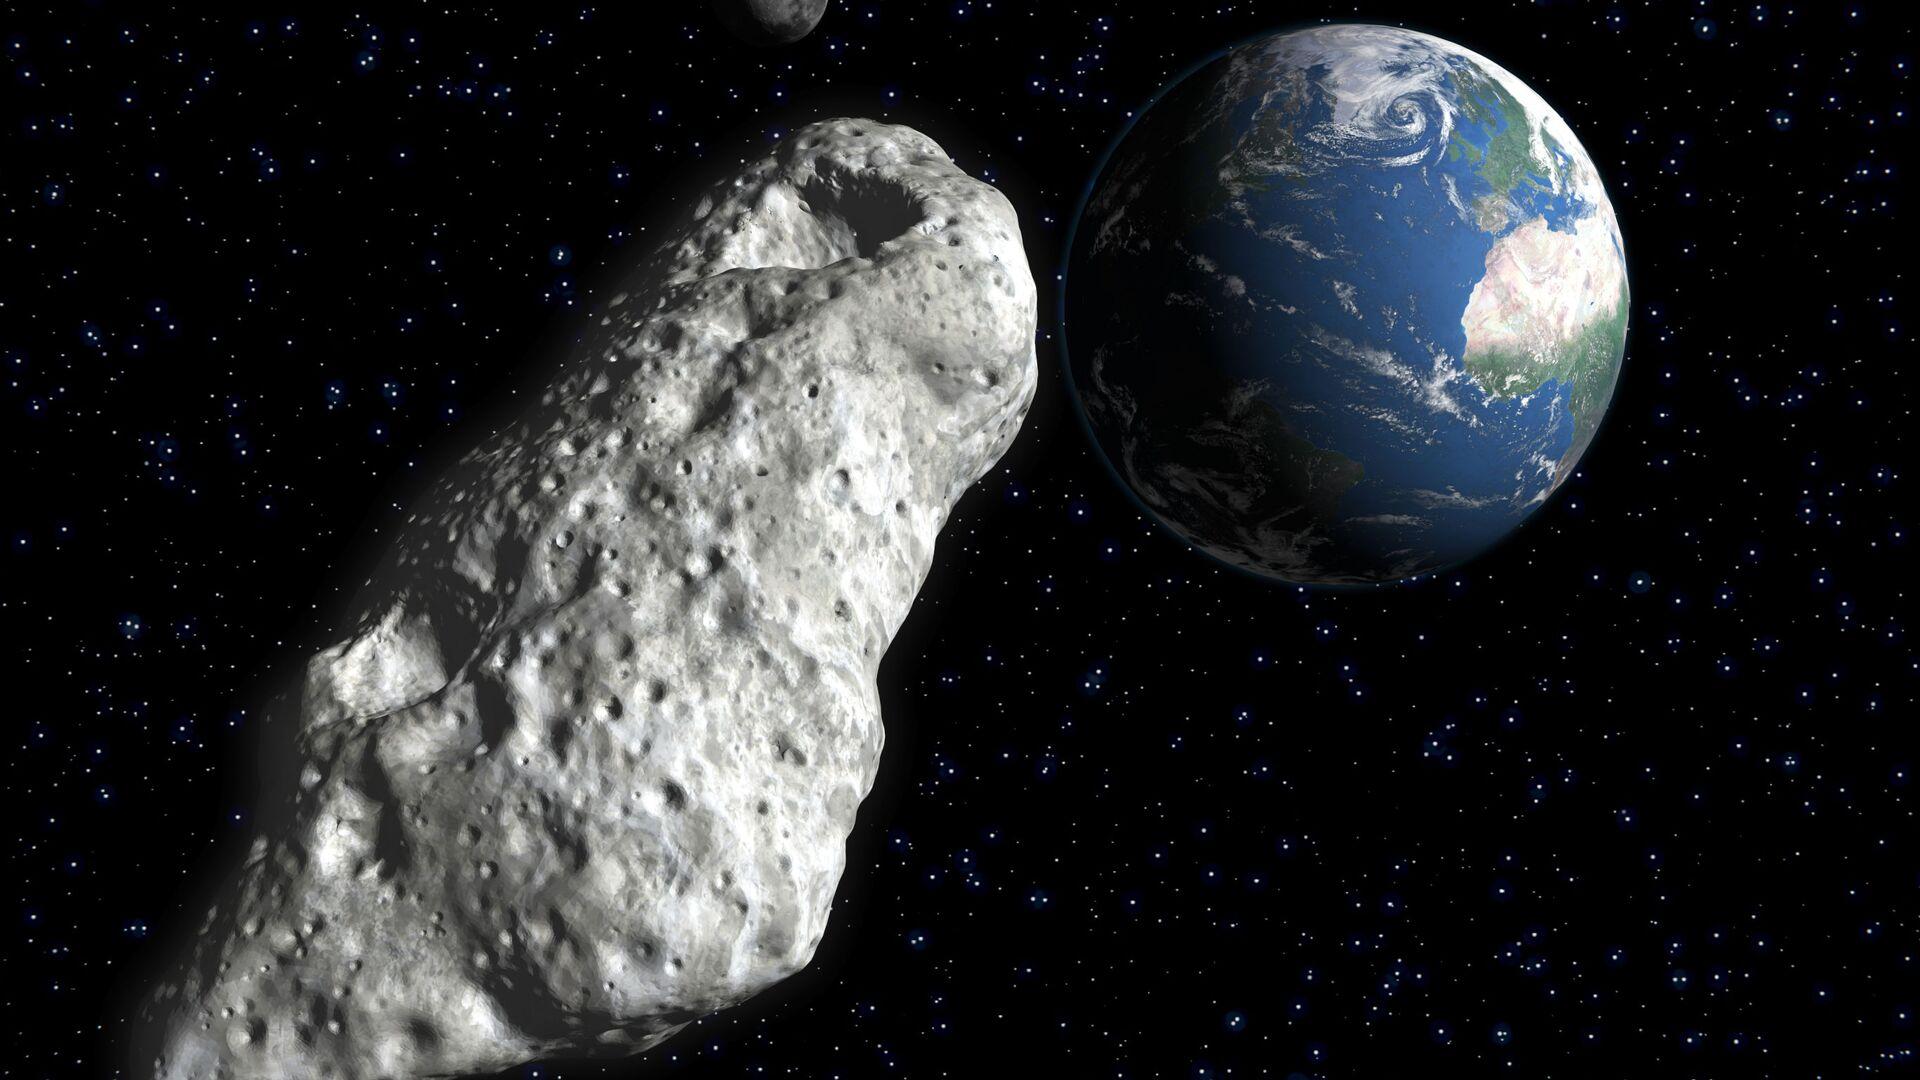 Un asteroide vicino alla Terra - Sputnik Italia, 1920, 22.08.2021